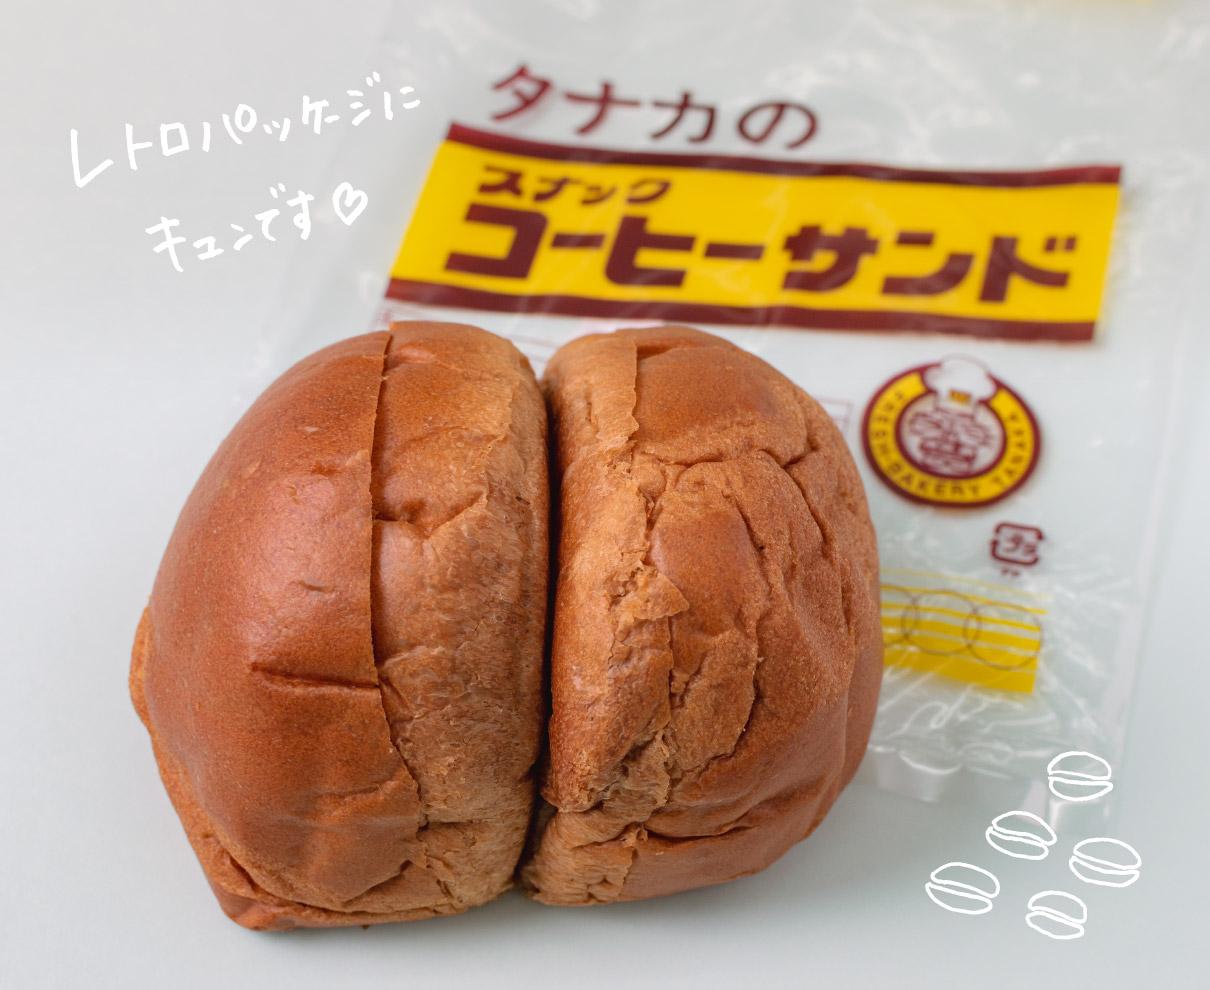 昔懐かしい味わいとレトロなパッケージにキュンです|タナカのパン